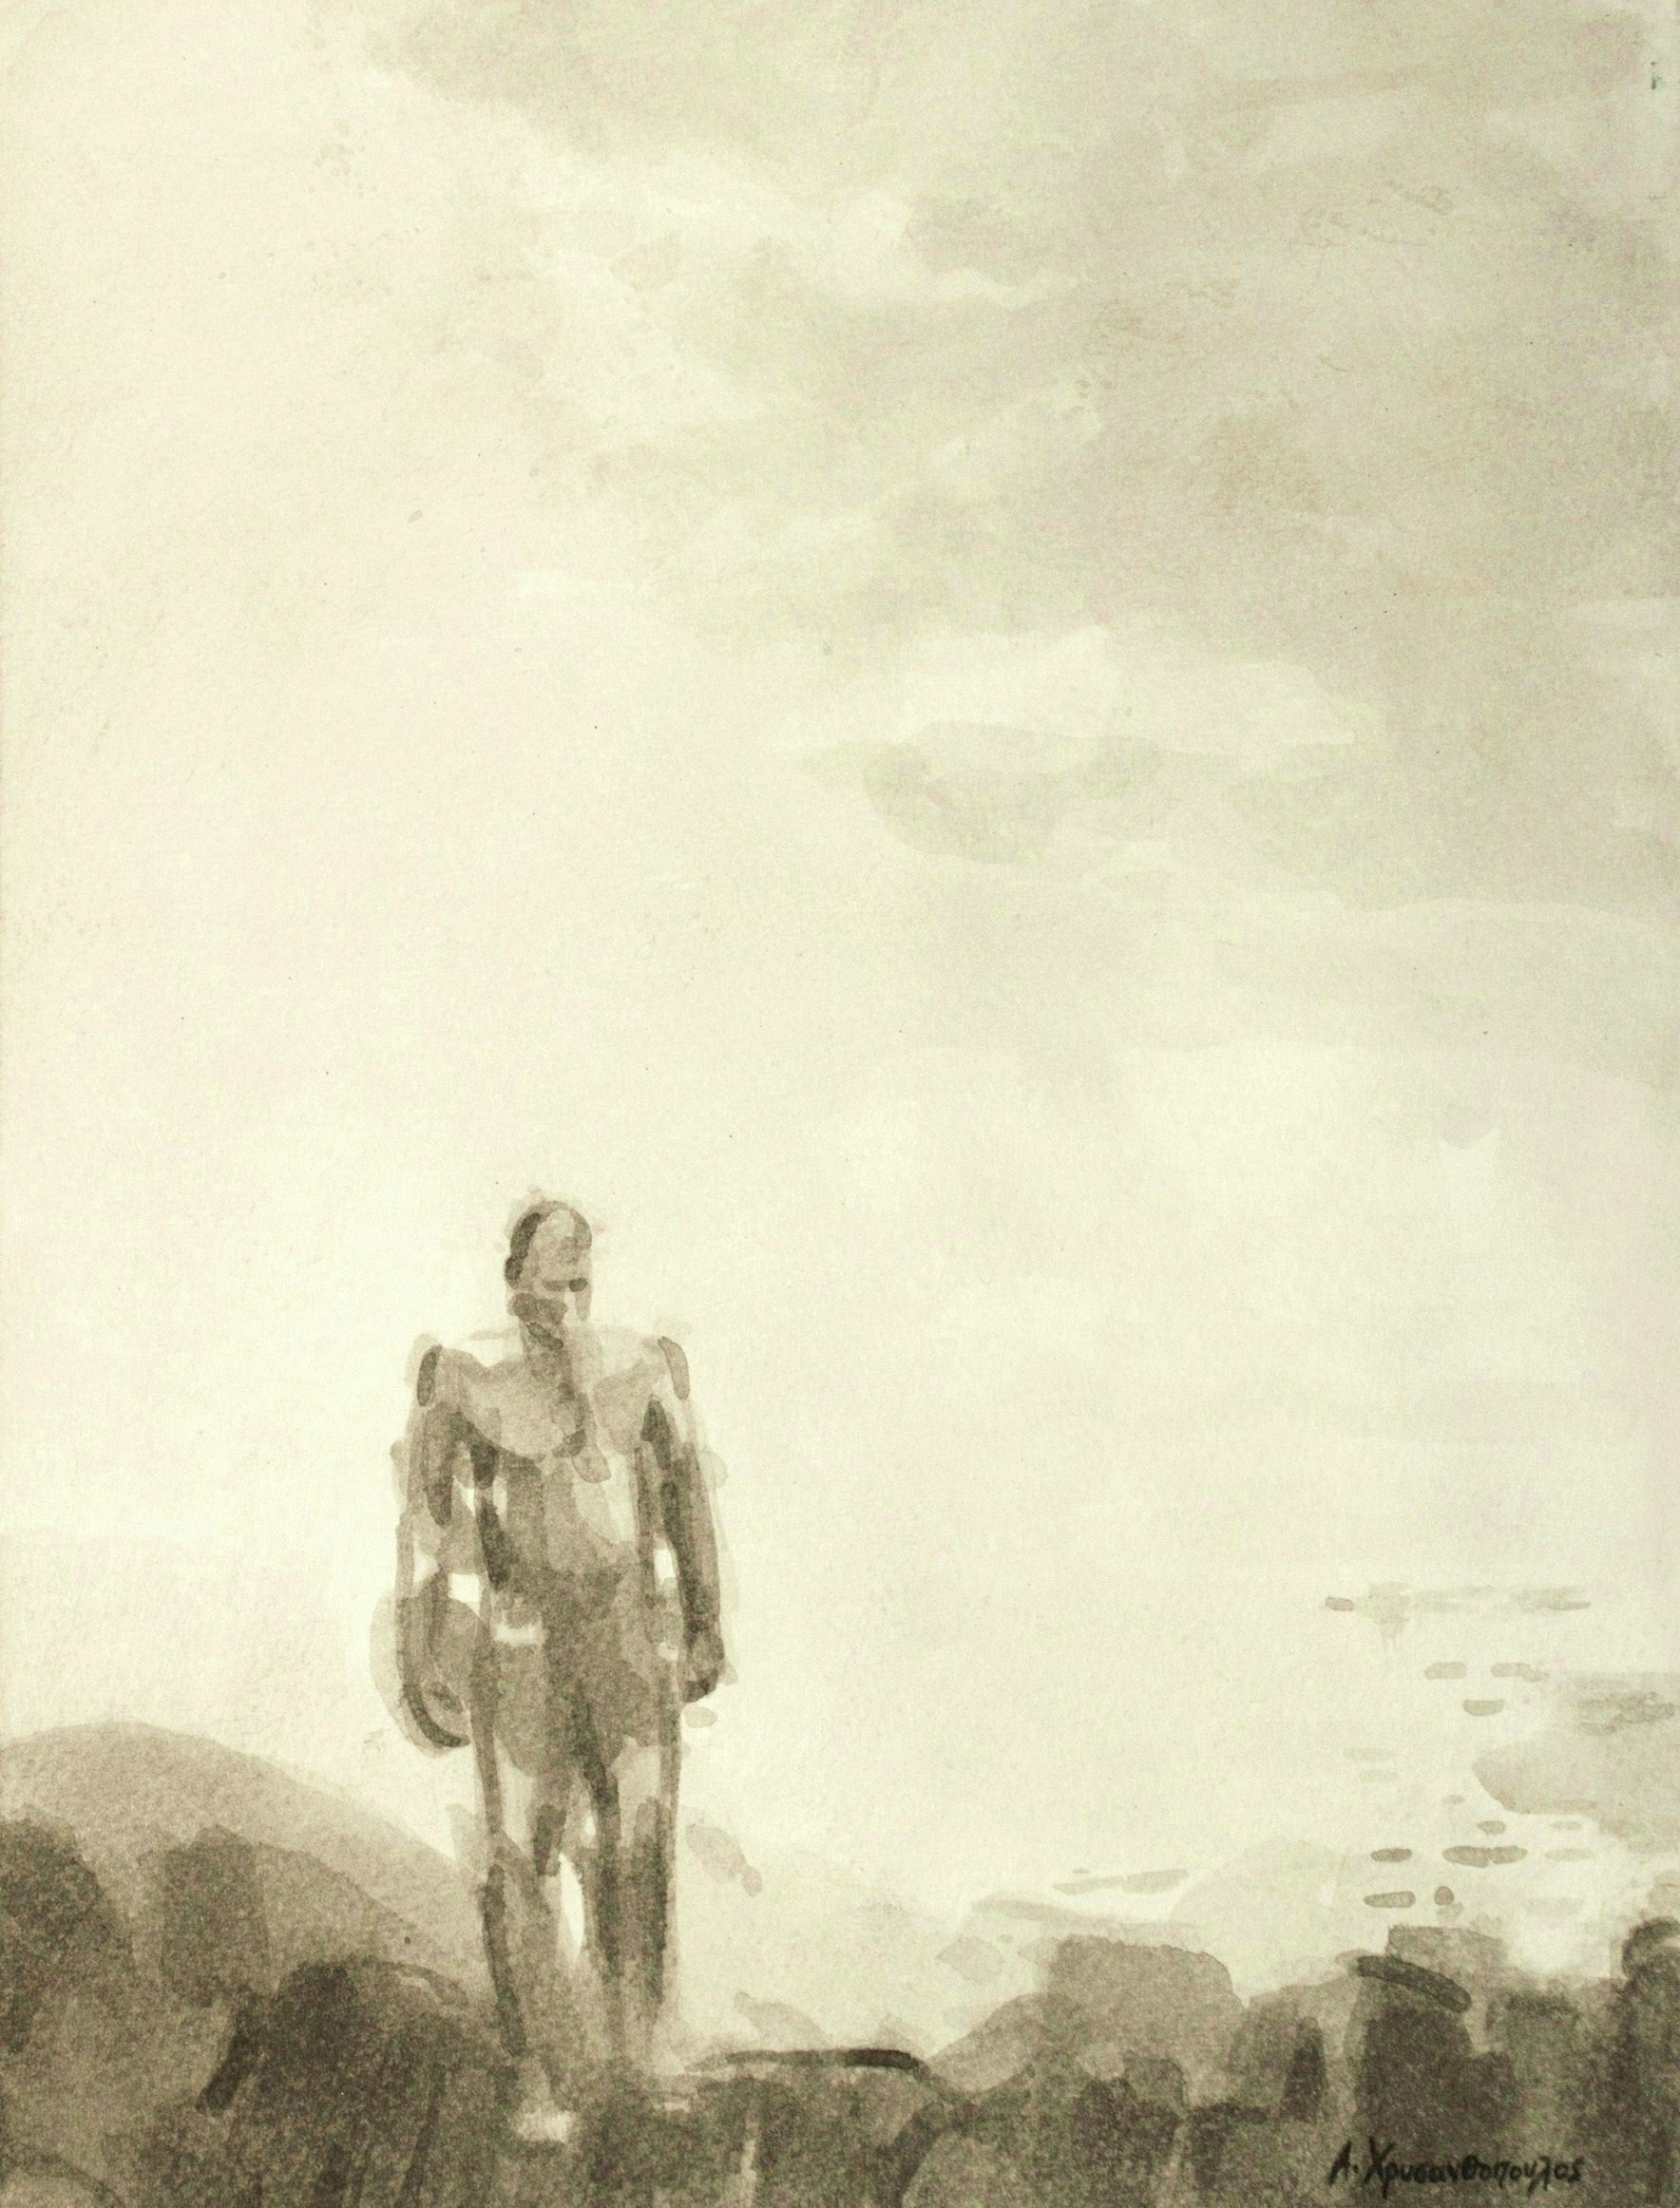 Φυγή, 30Χ40, Σινική μελάνη